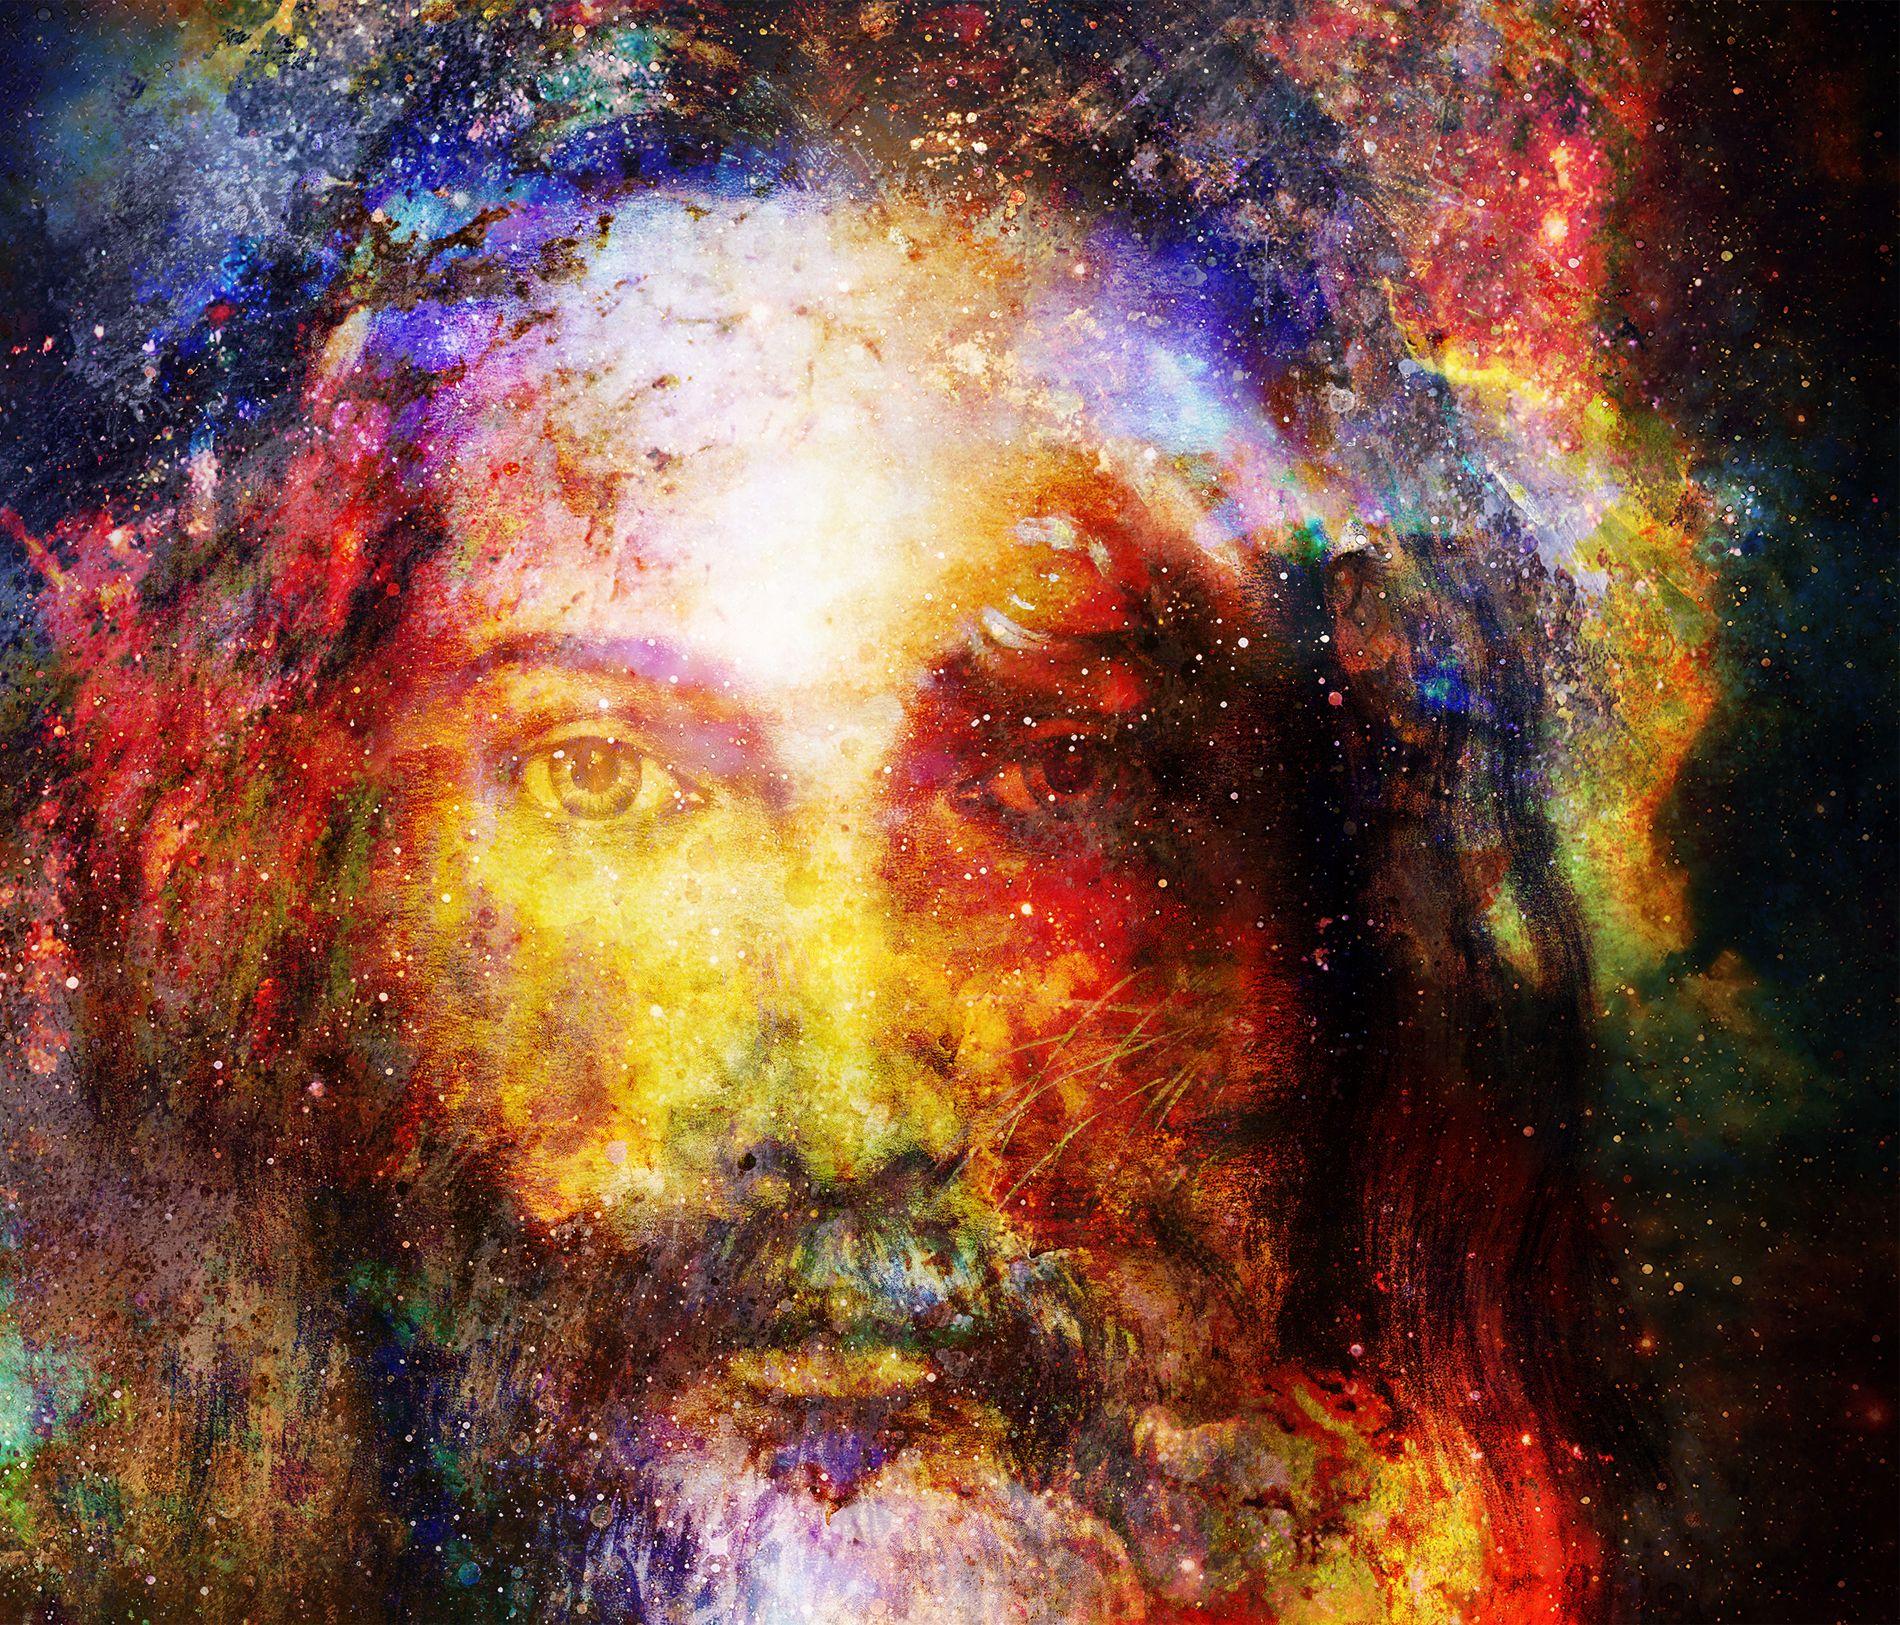 TROENDE: Etter hvert som jeg er blitt eldre, har jeg blitt tydeligere på at jeg er kristen, skriver innsenderen. Illustrasjon: Jozef Klopacka / Shutterstock / NTB scanpix